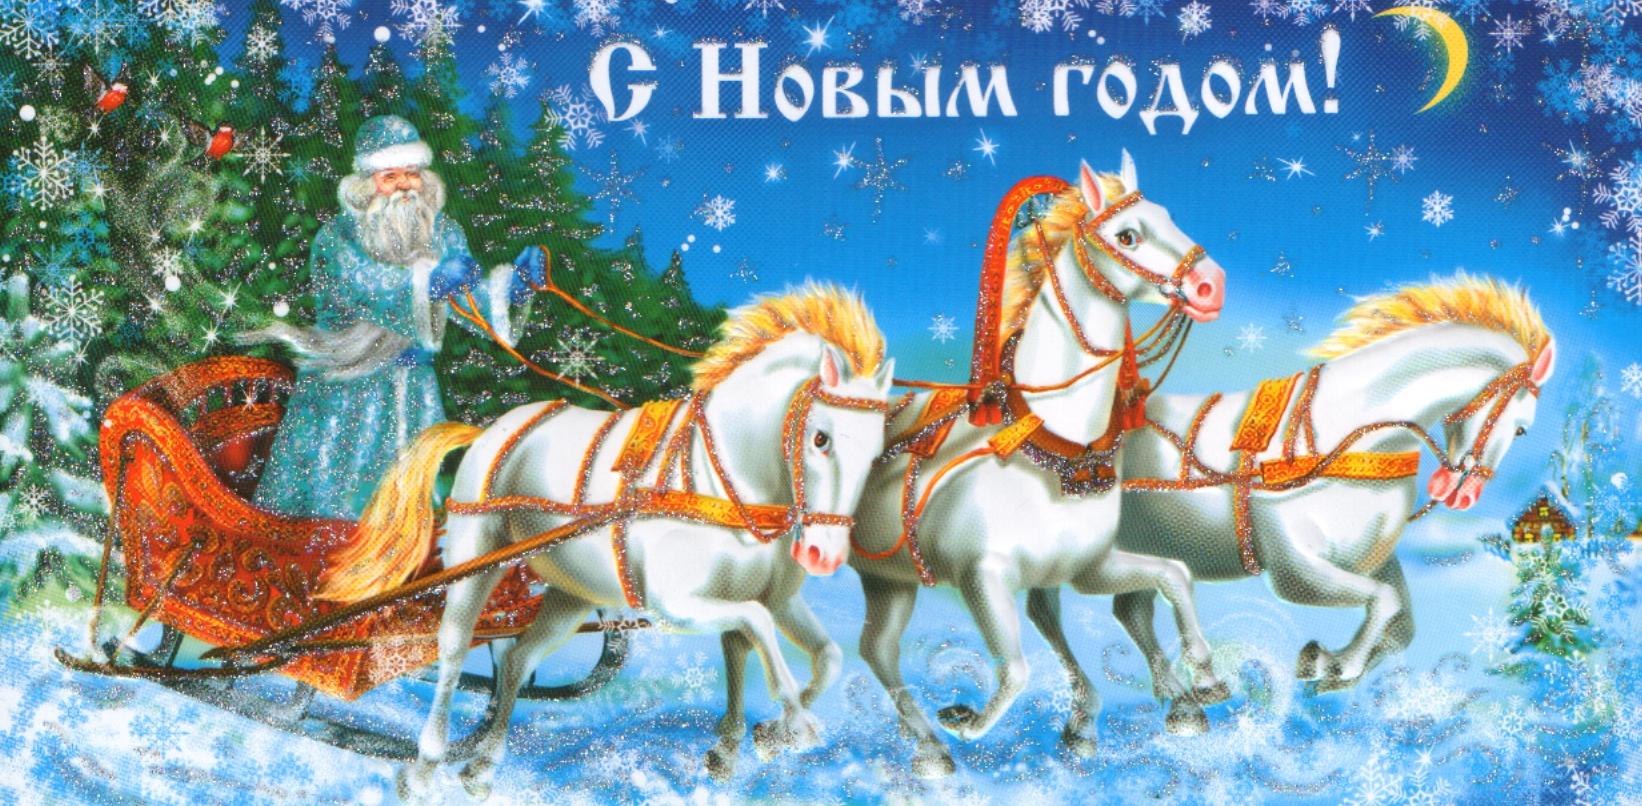 http://cp12.nevsepic.com.ua/93/1347998852-1295450-5f9f8e139350-www.nevsepic.com.ua.jpg